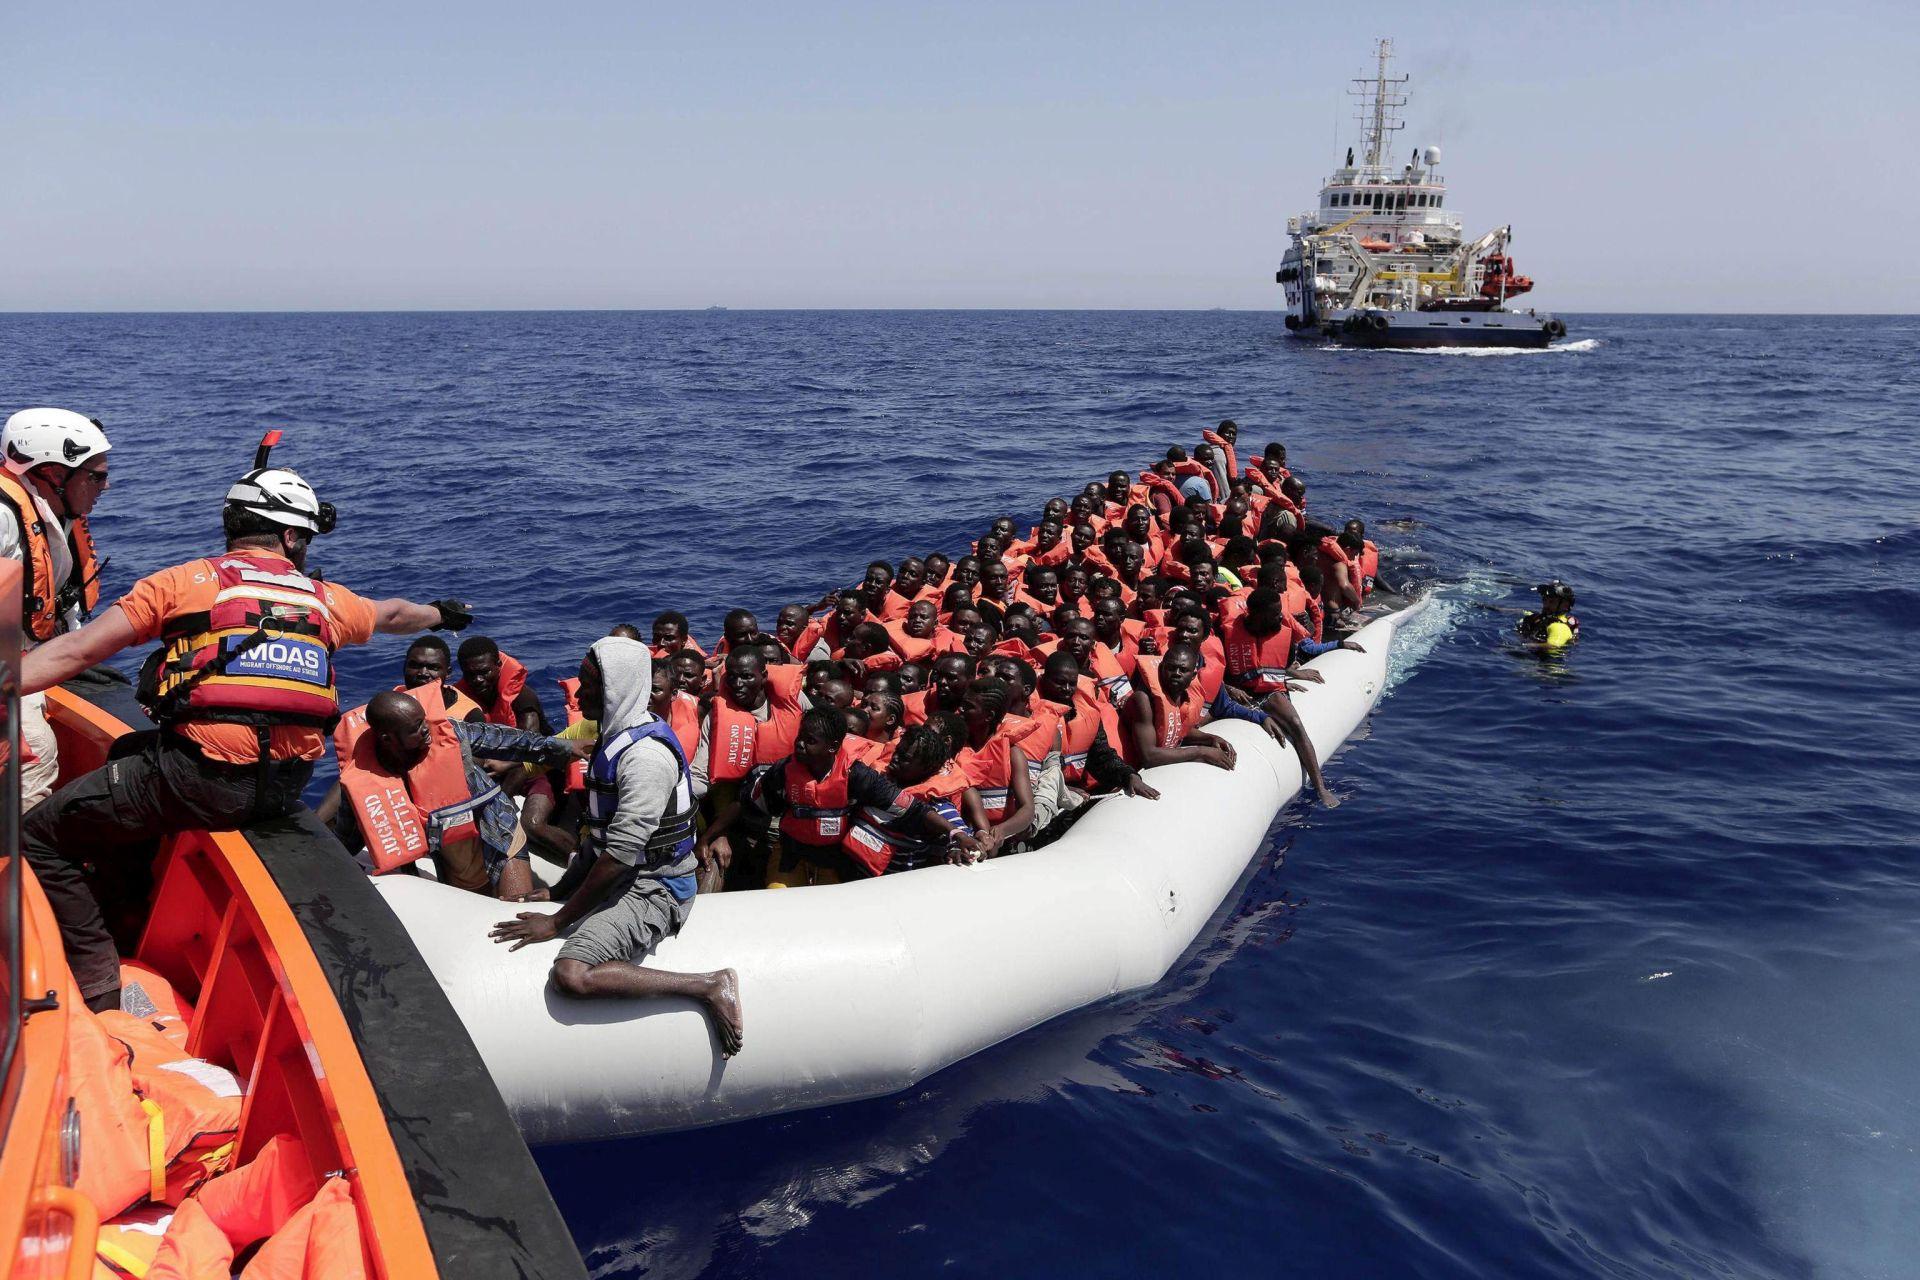 TALIJANSKA OBALNA STRAŽA: Pronađena tijela 15 migranata, 2700 spašeno